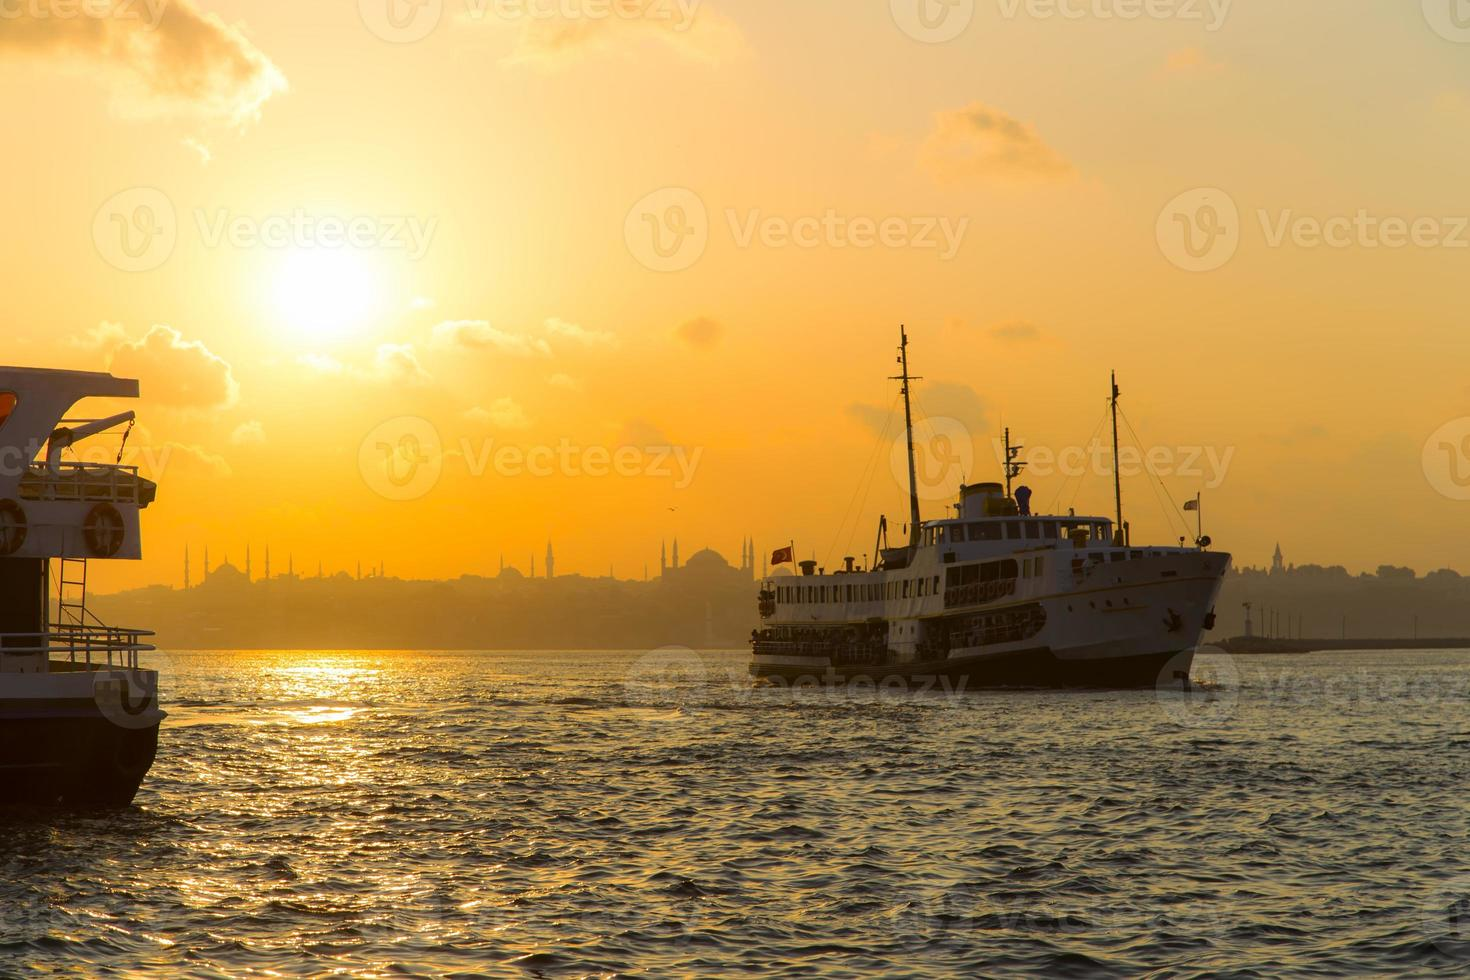 Estambul transbordadores en un fondo puesta de sol foto